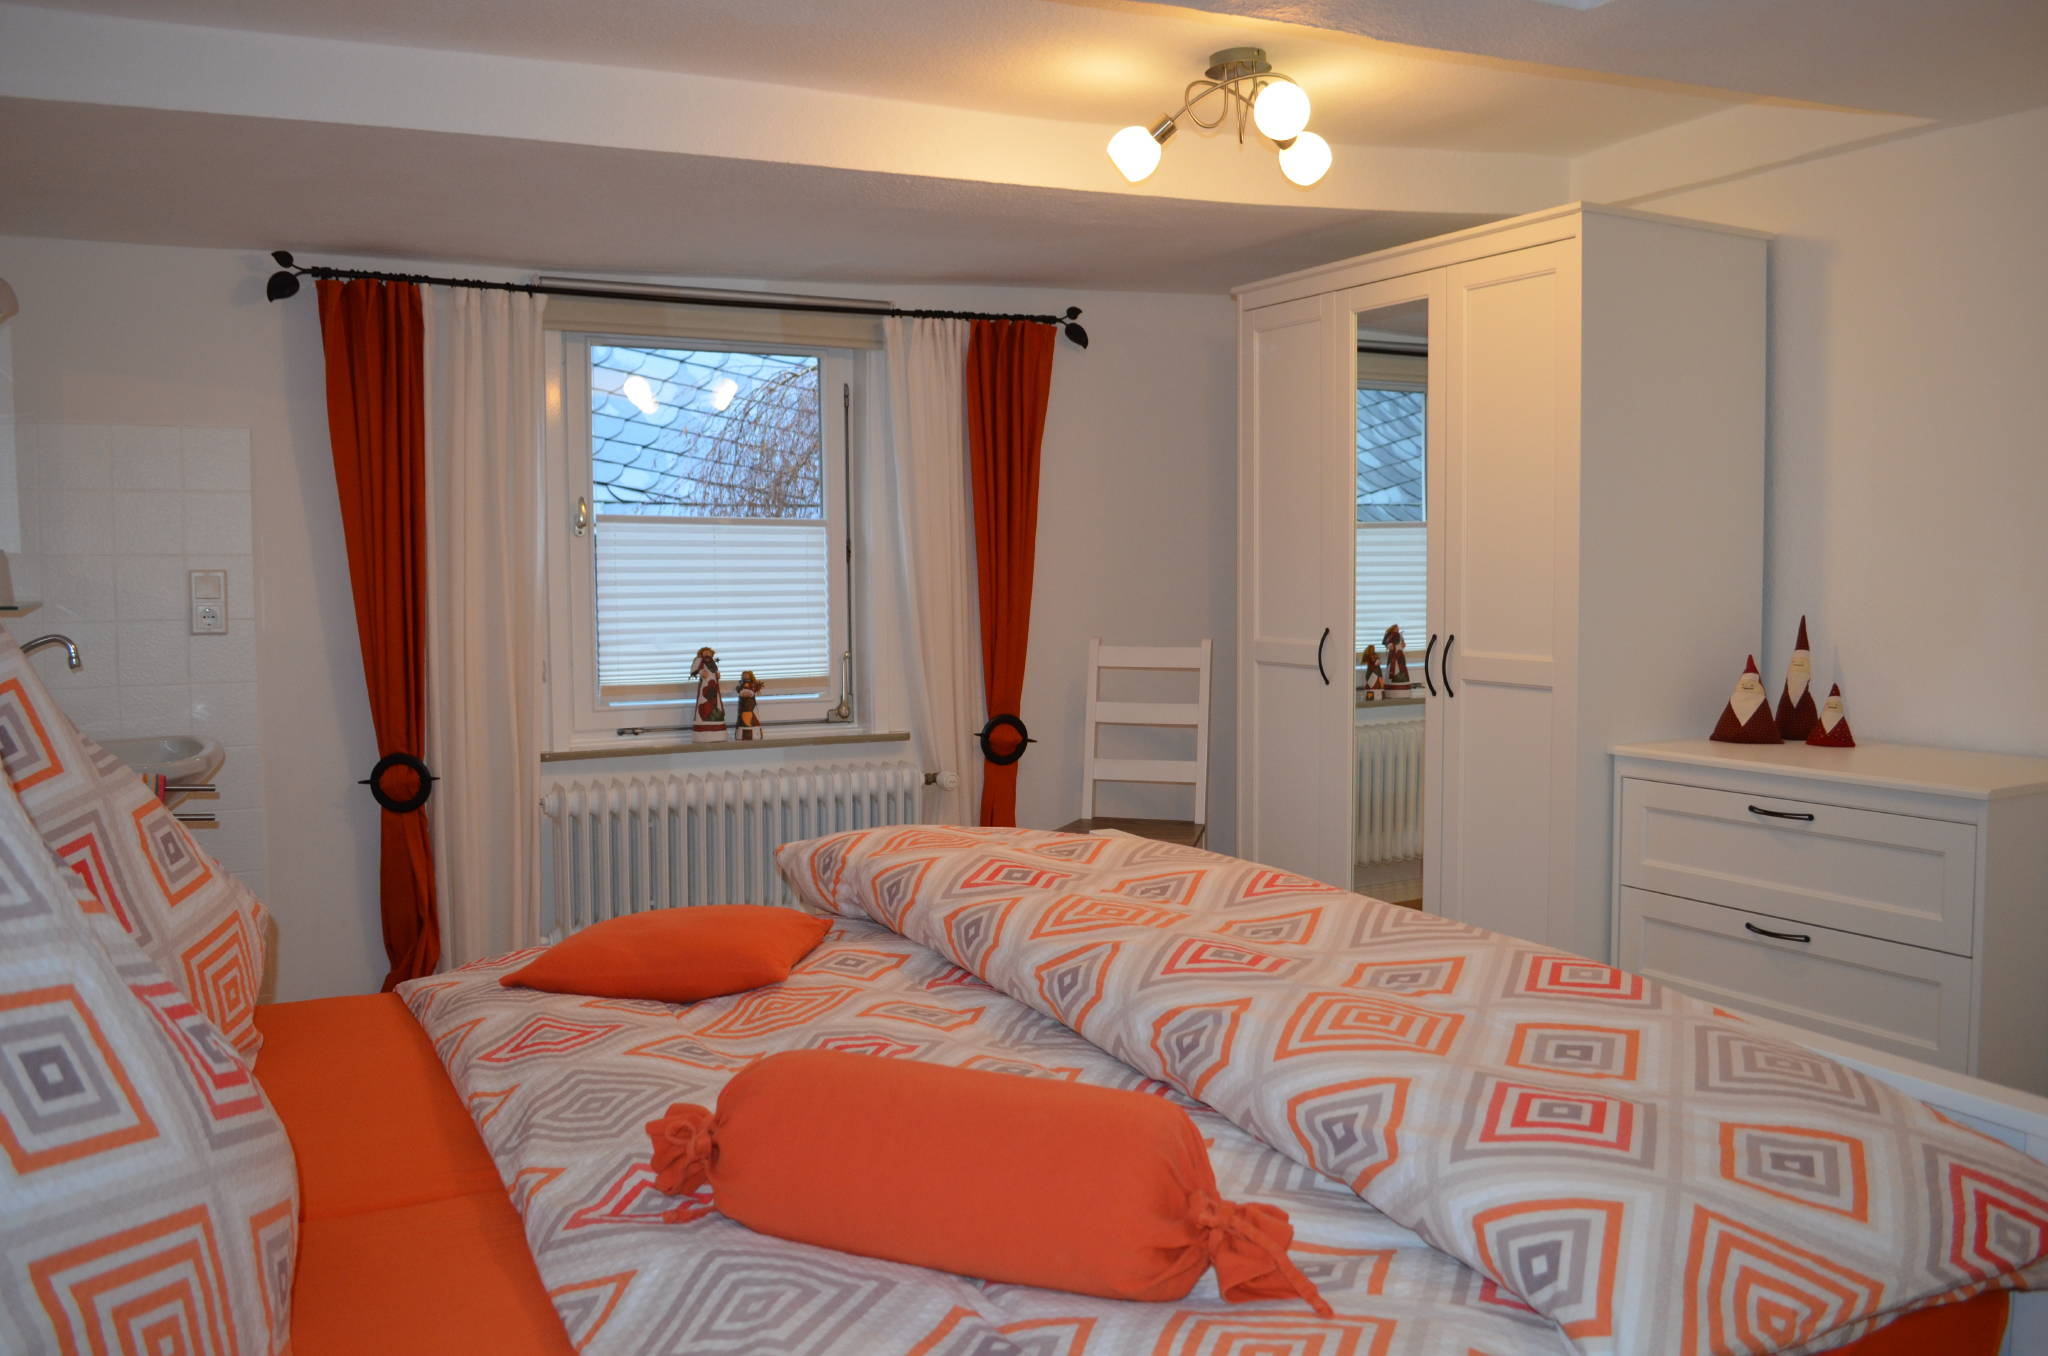 Zusatzbild Nr. 05 von Ferienwohnung Sternberg - Wohnung Berg